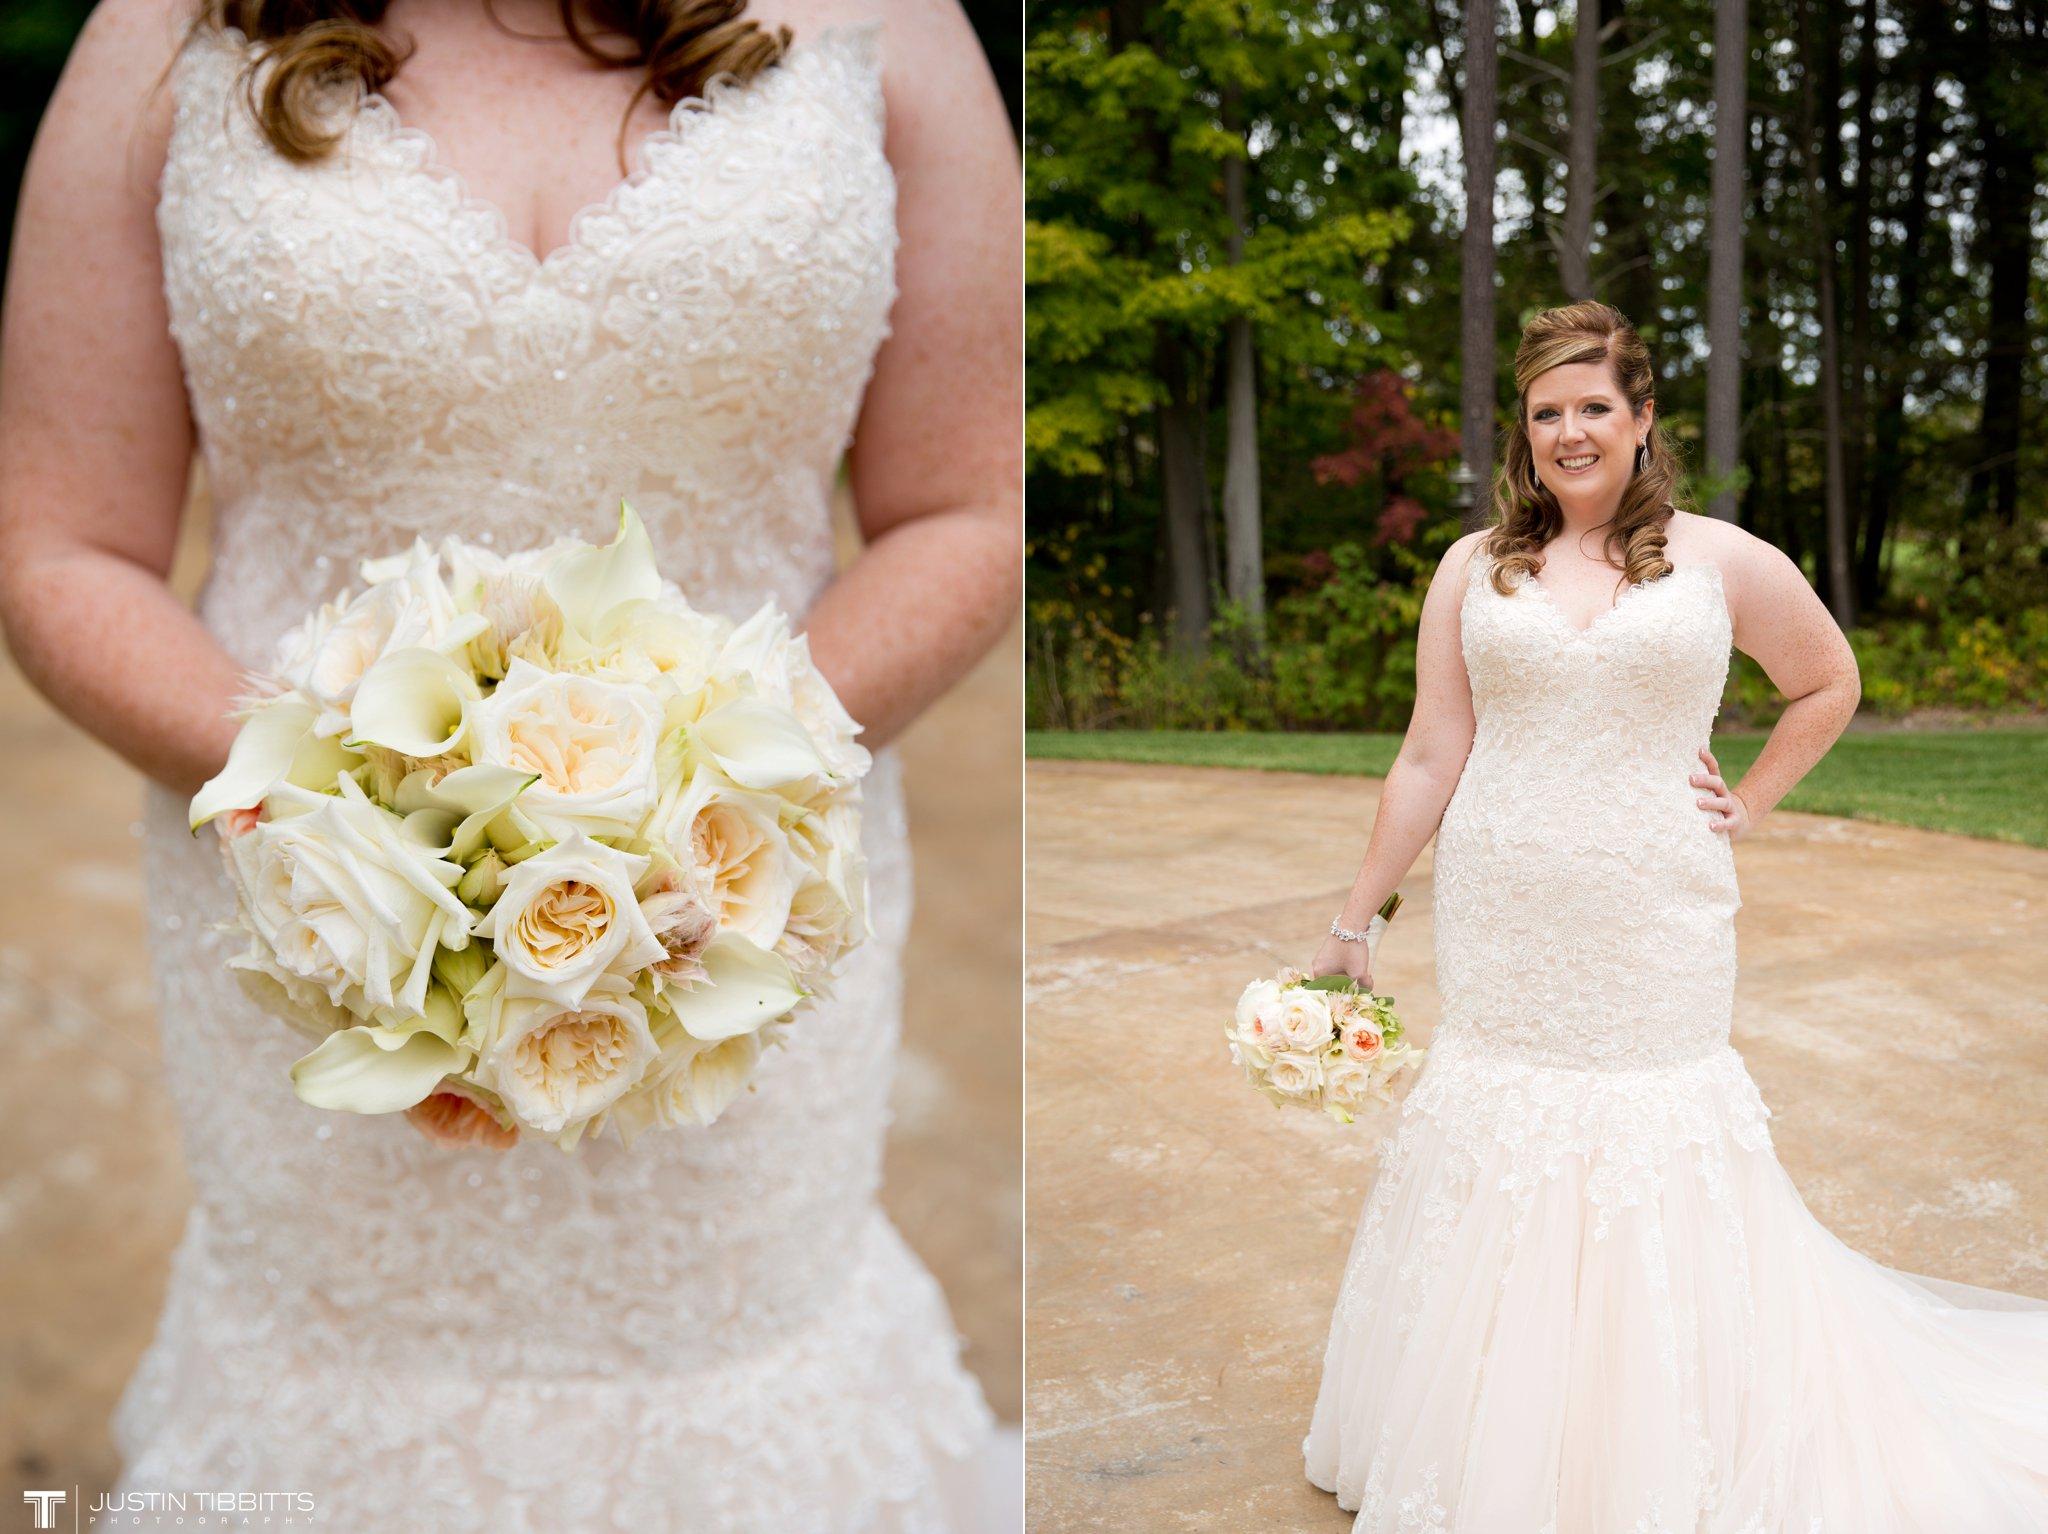 Hall of Springs Wedding Photos with Amanda and Jon-Michael_0022